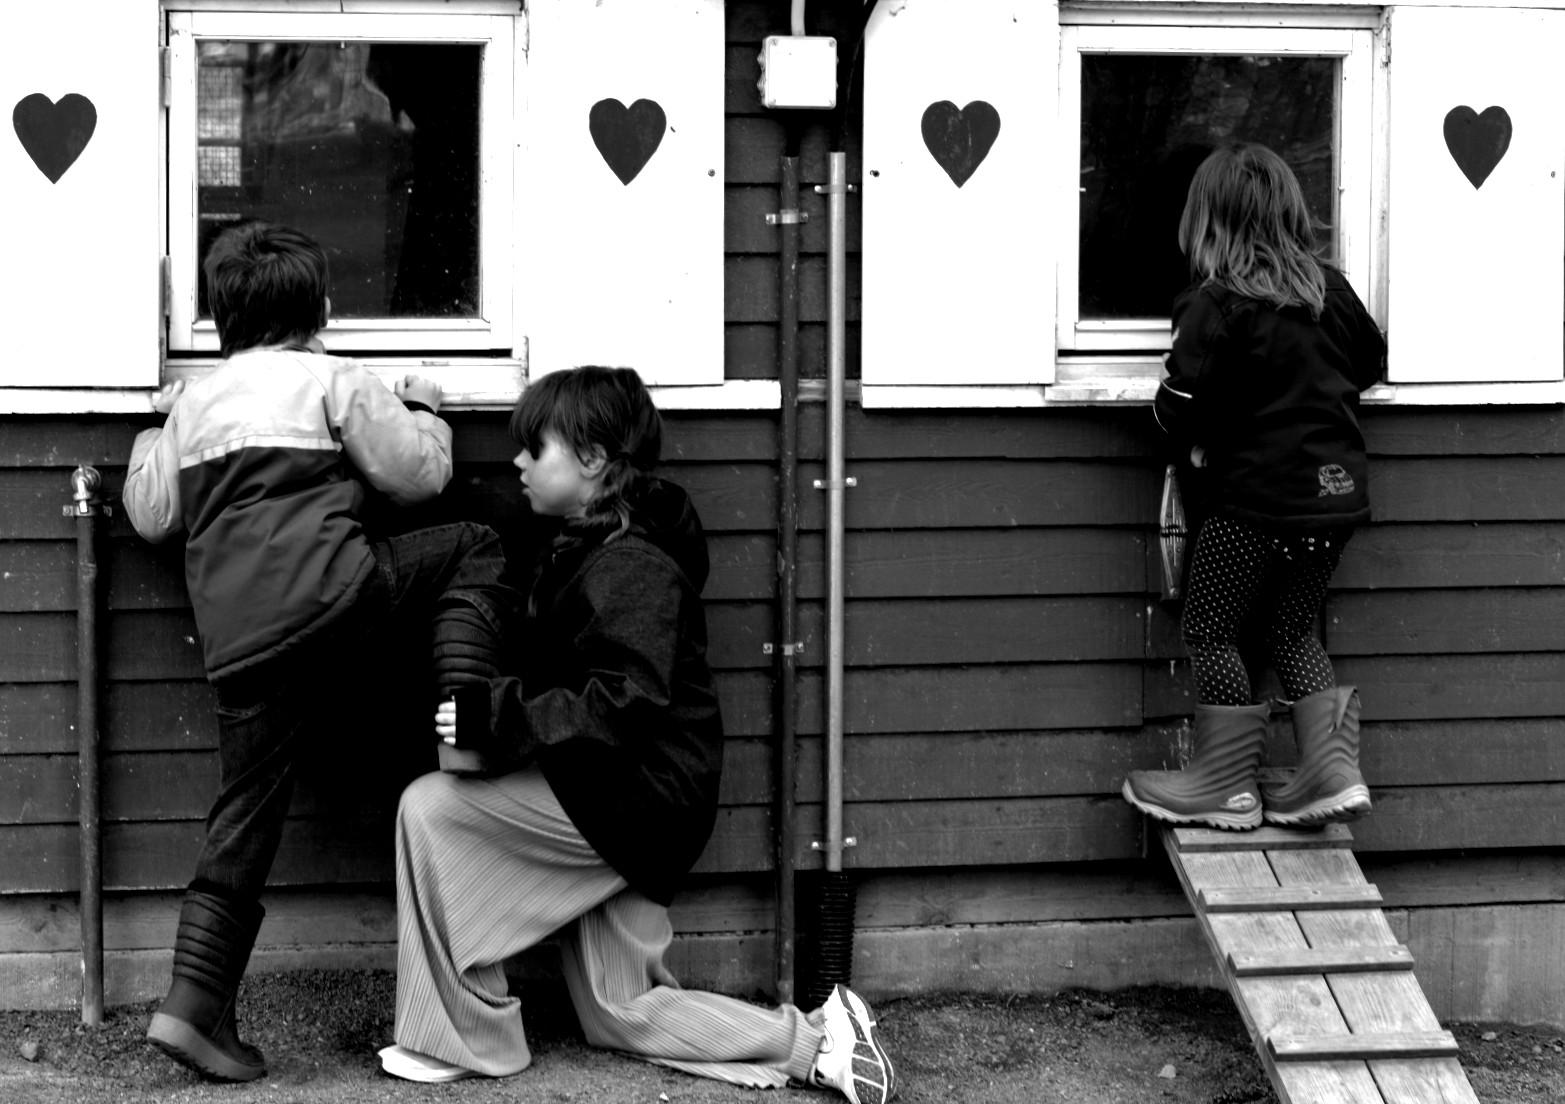 Tre barn framför fönster med hjärtan på. Ett barn får stå på ett annat barns knä för att kunna titta in i ett fönster. Svartvit bild.